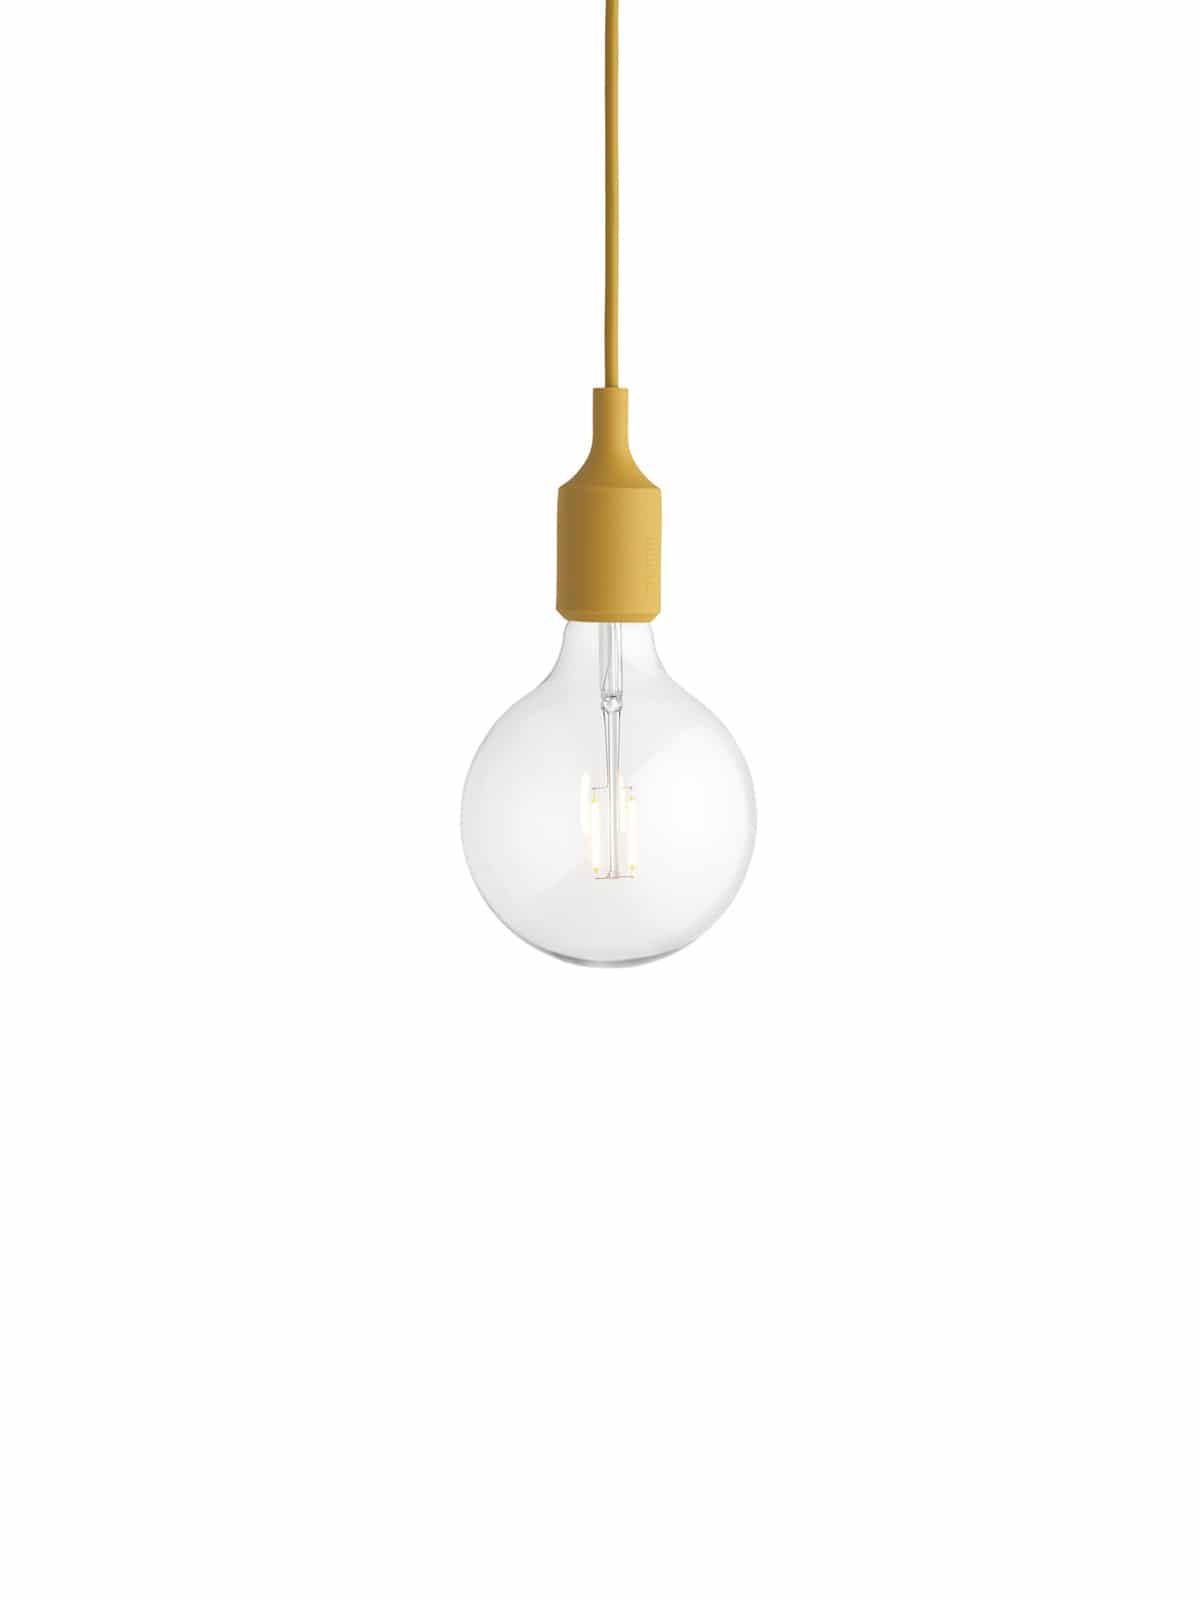 Designerleuchte E27 von muuto DesignOrt Onlineshop